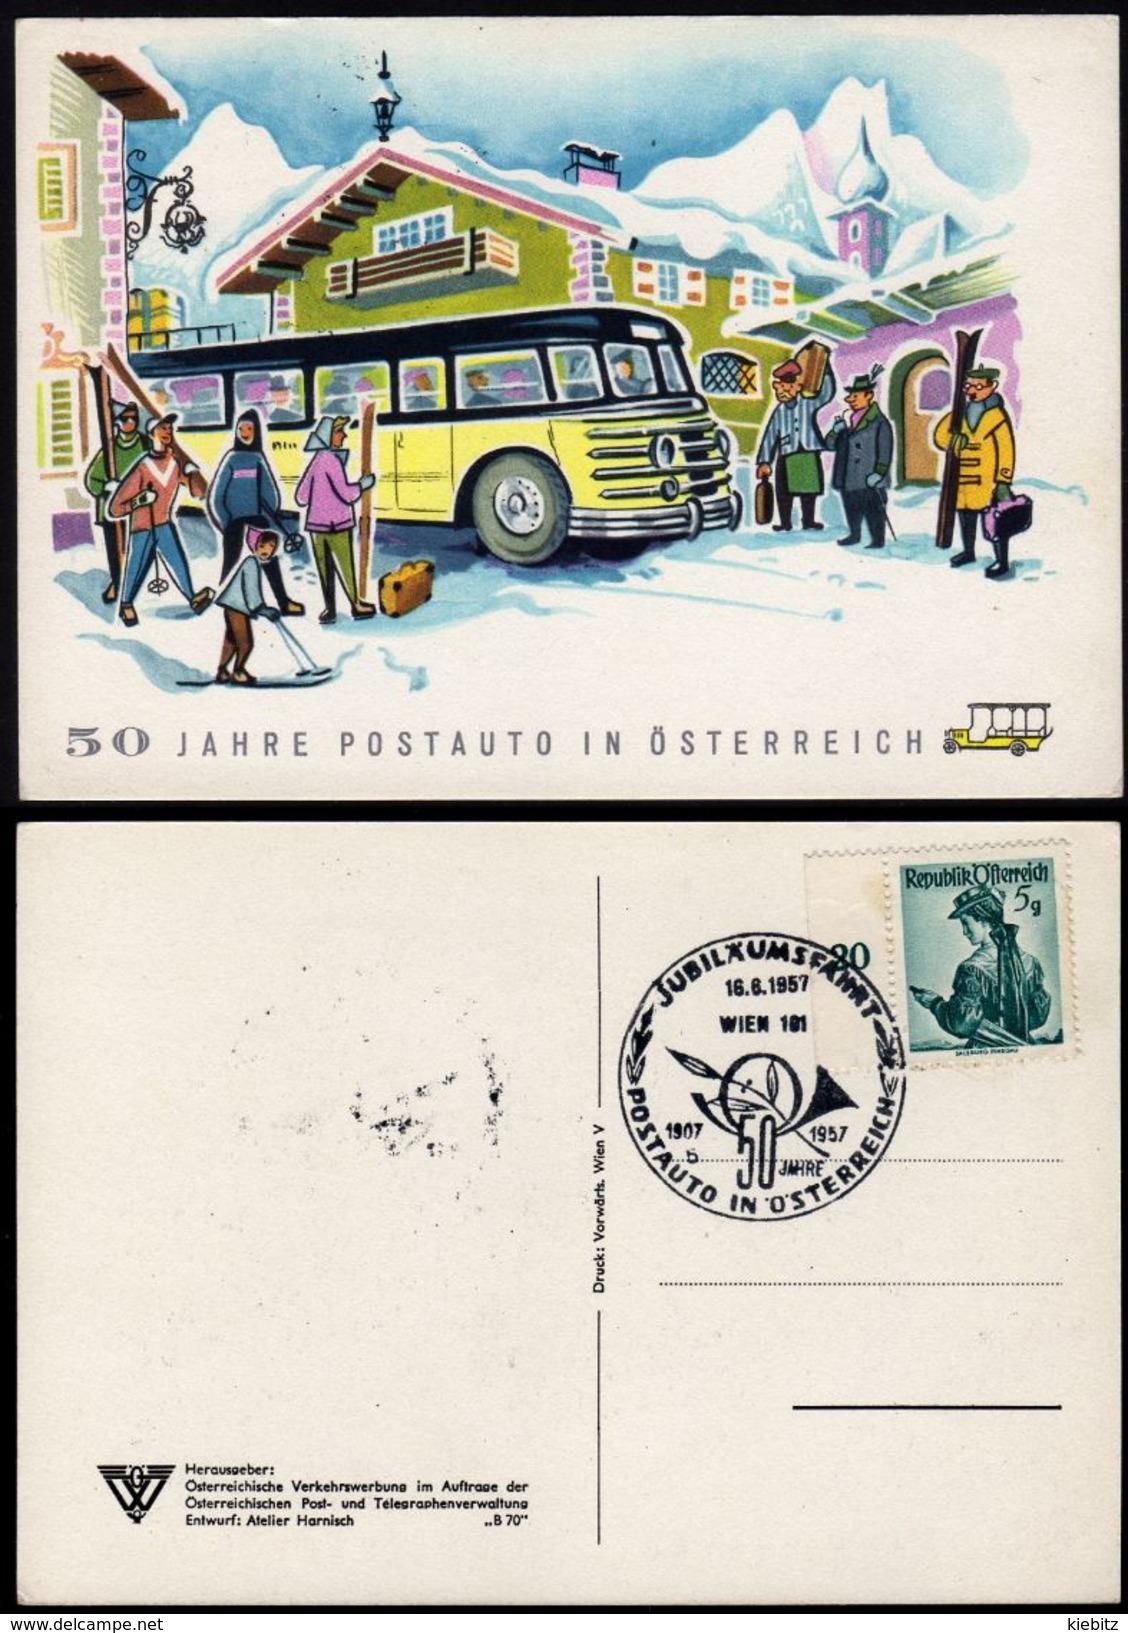 ÖSTERREICH 1957 - Jubiläumsfahrt 50 J. Postauto In Österreich - Sonderstempelkarte - Post